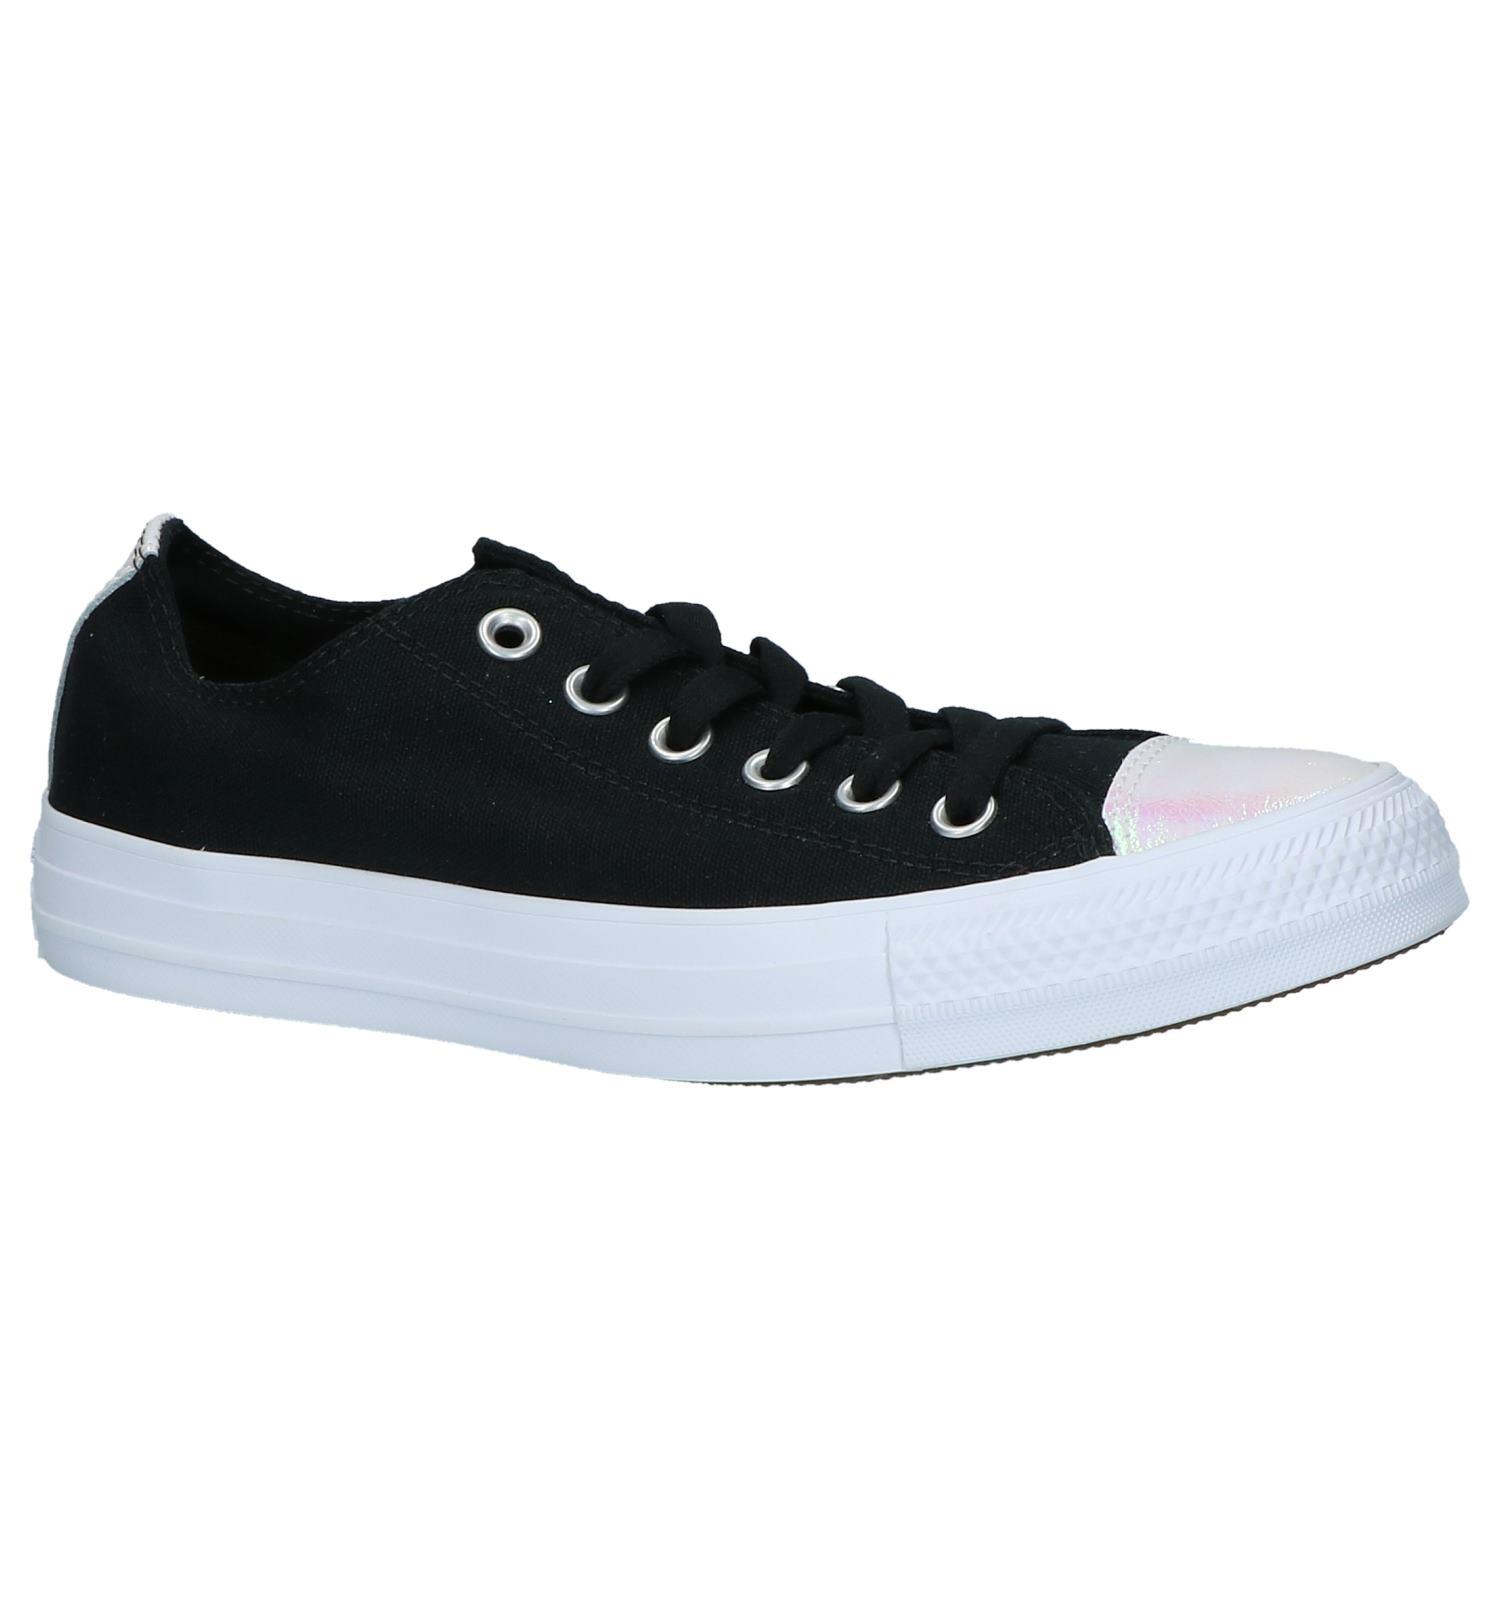 467733e93dd Lage Sneakers Zwart Converse Chuck Taylor All Star Ox | TORFS.BE | Gratis  verzend en retour